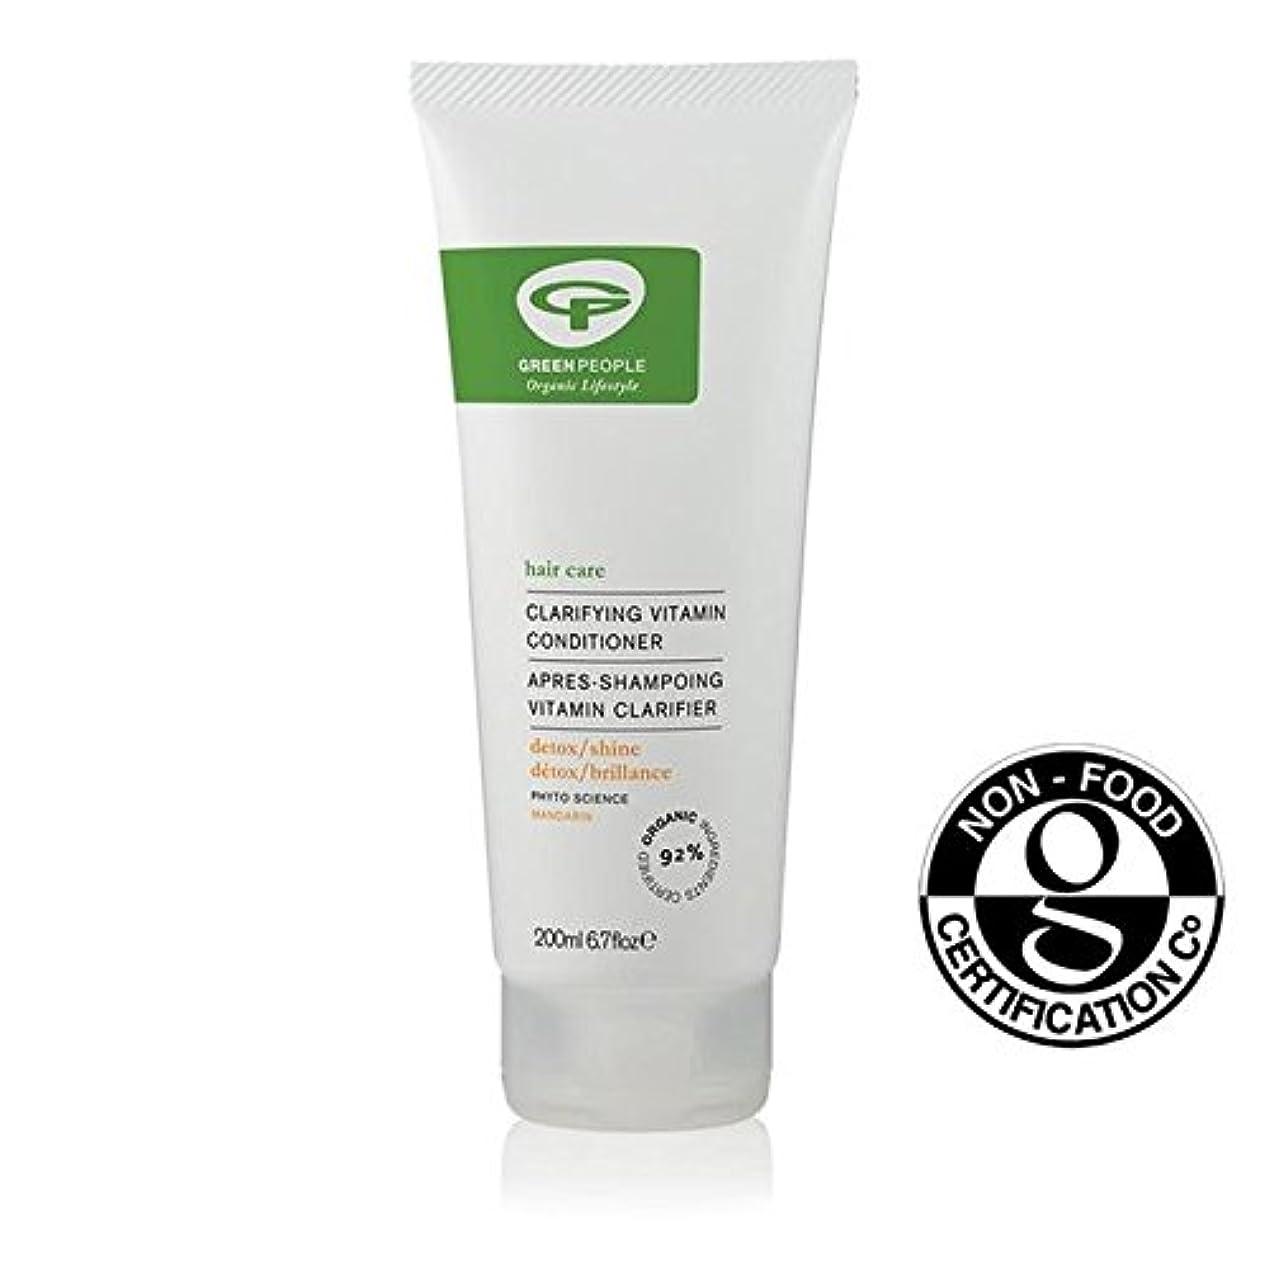 溝である馬鹿げた緑の人々の有機明確ビタミンコンディショナー200 x2 - Green People Organic Clarifying Vitamin Conditioner 200ml (Pack of 2) [並行輸入品]